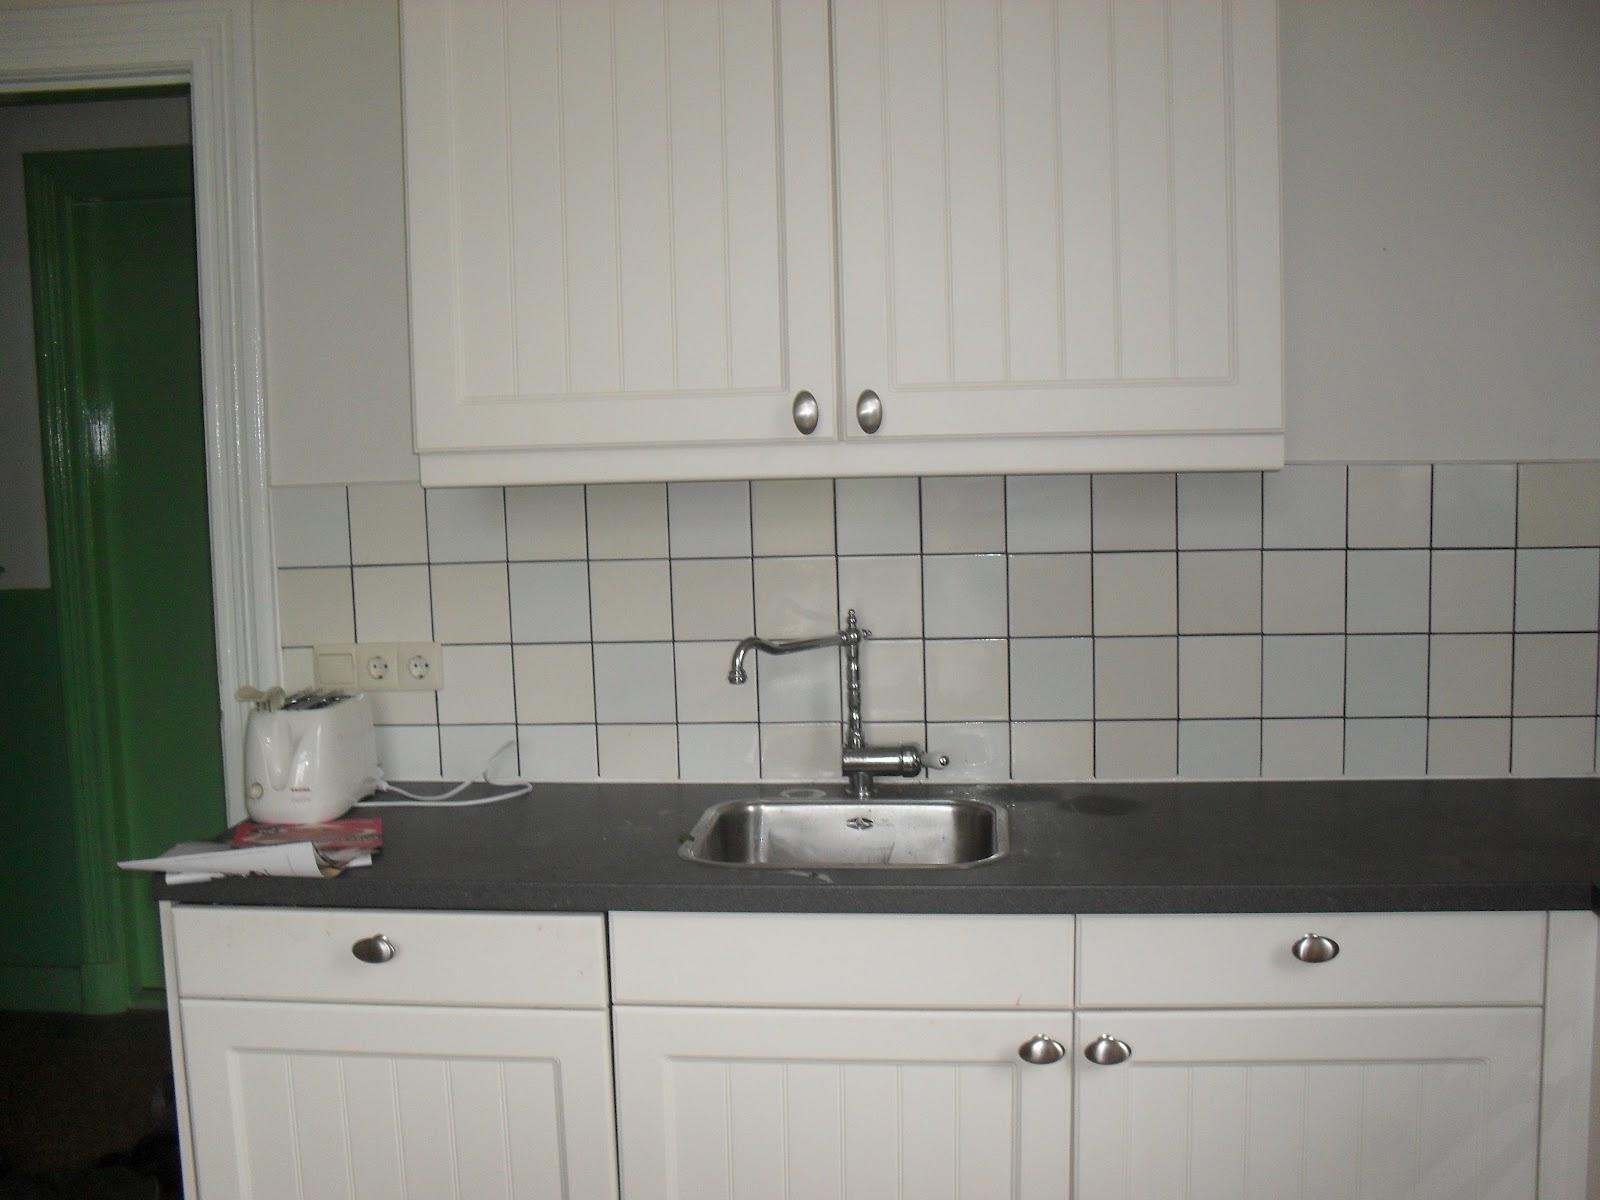 Uitzonderlijk Toch maar tegels als keukenachterwand - Huisvlijt #CG74